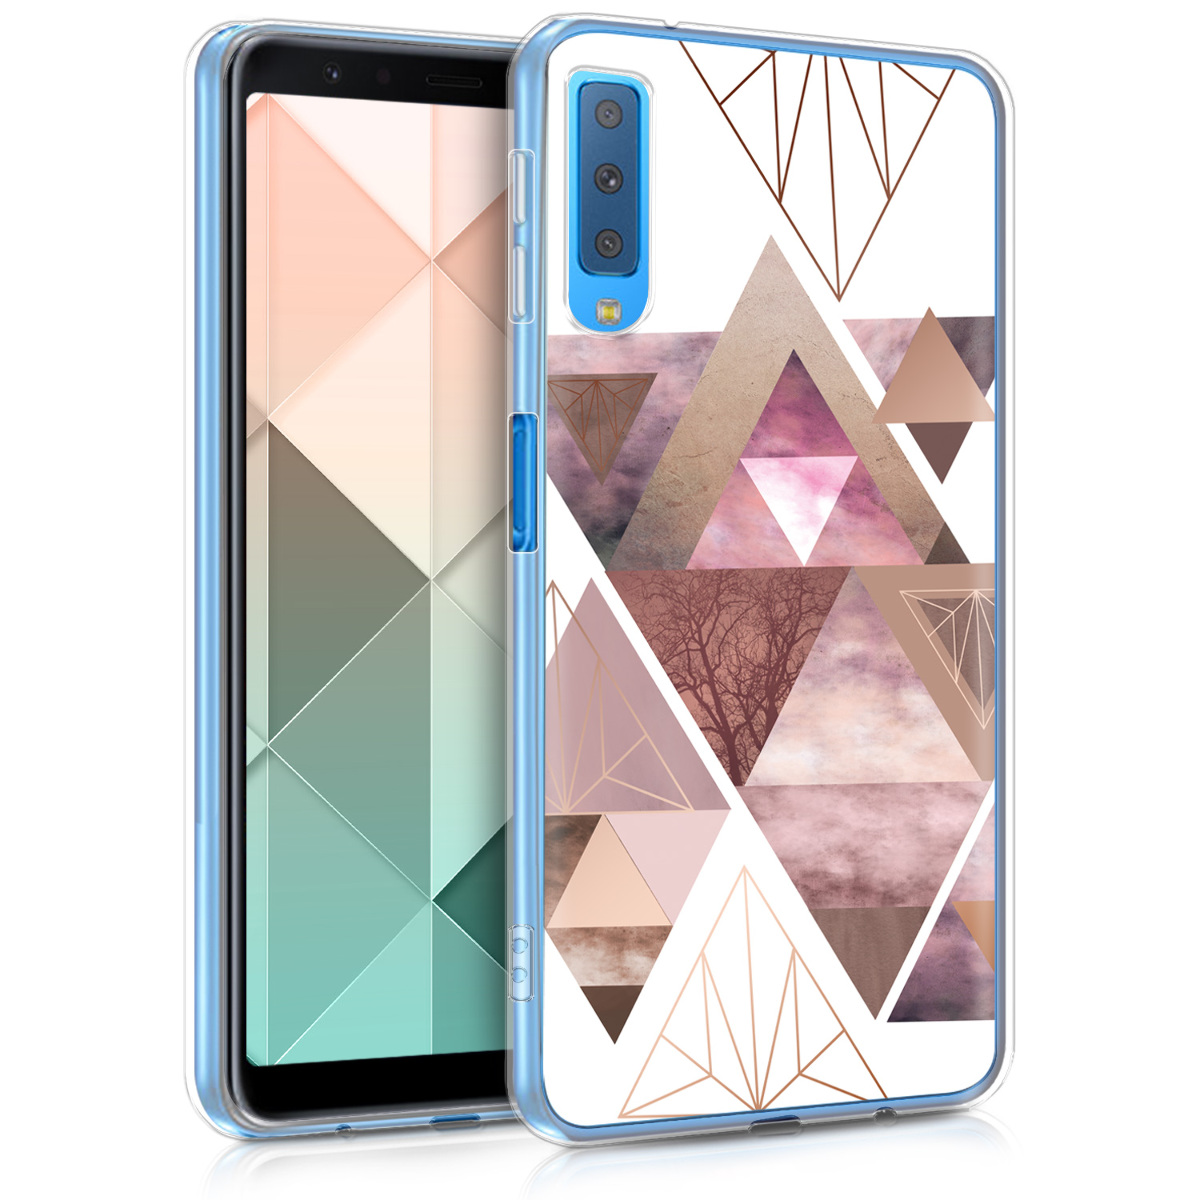 Kvalitní silikonové TPU pouzdro pro Samsung A7 (2018) - Patchwork trojúhelníky světle růžové / starorůžové rosegold / bílé